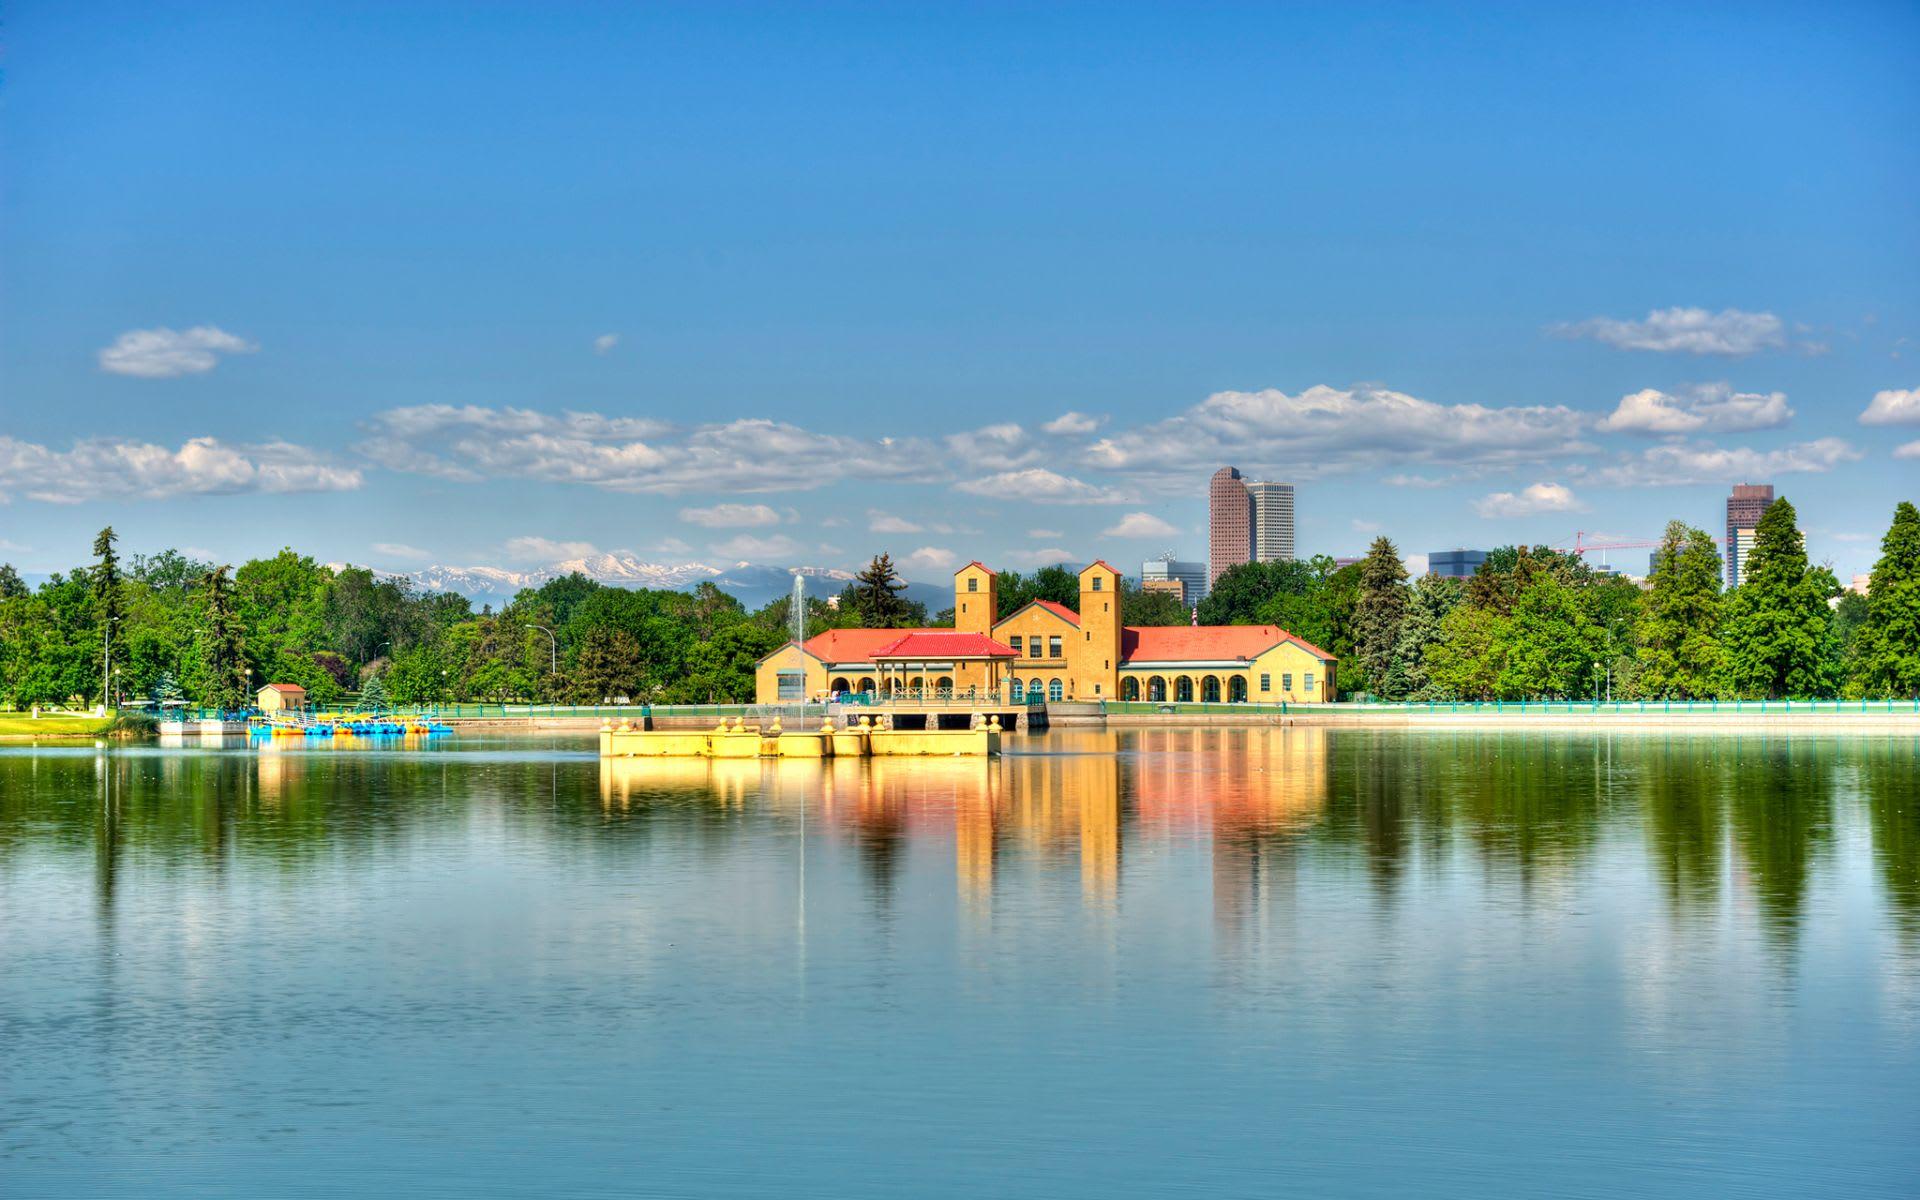 City Park & Skyland